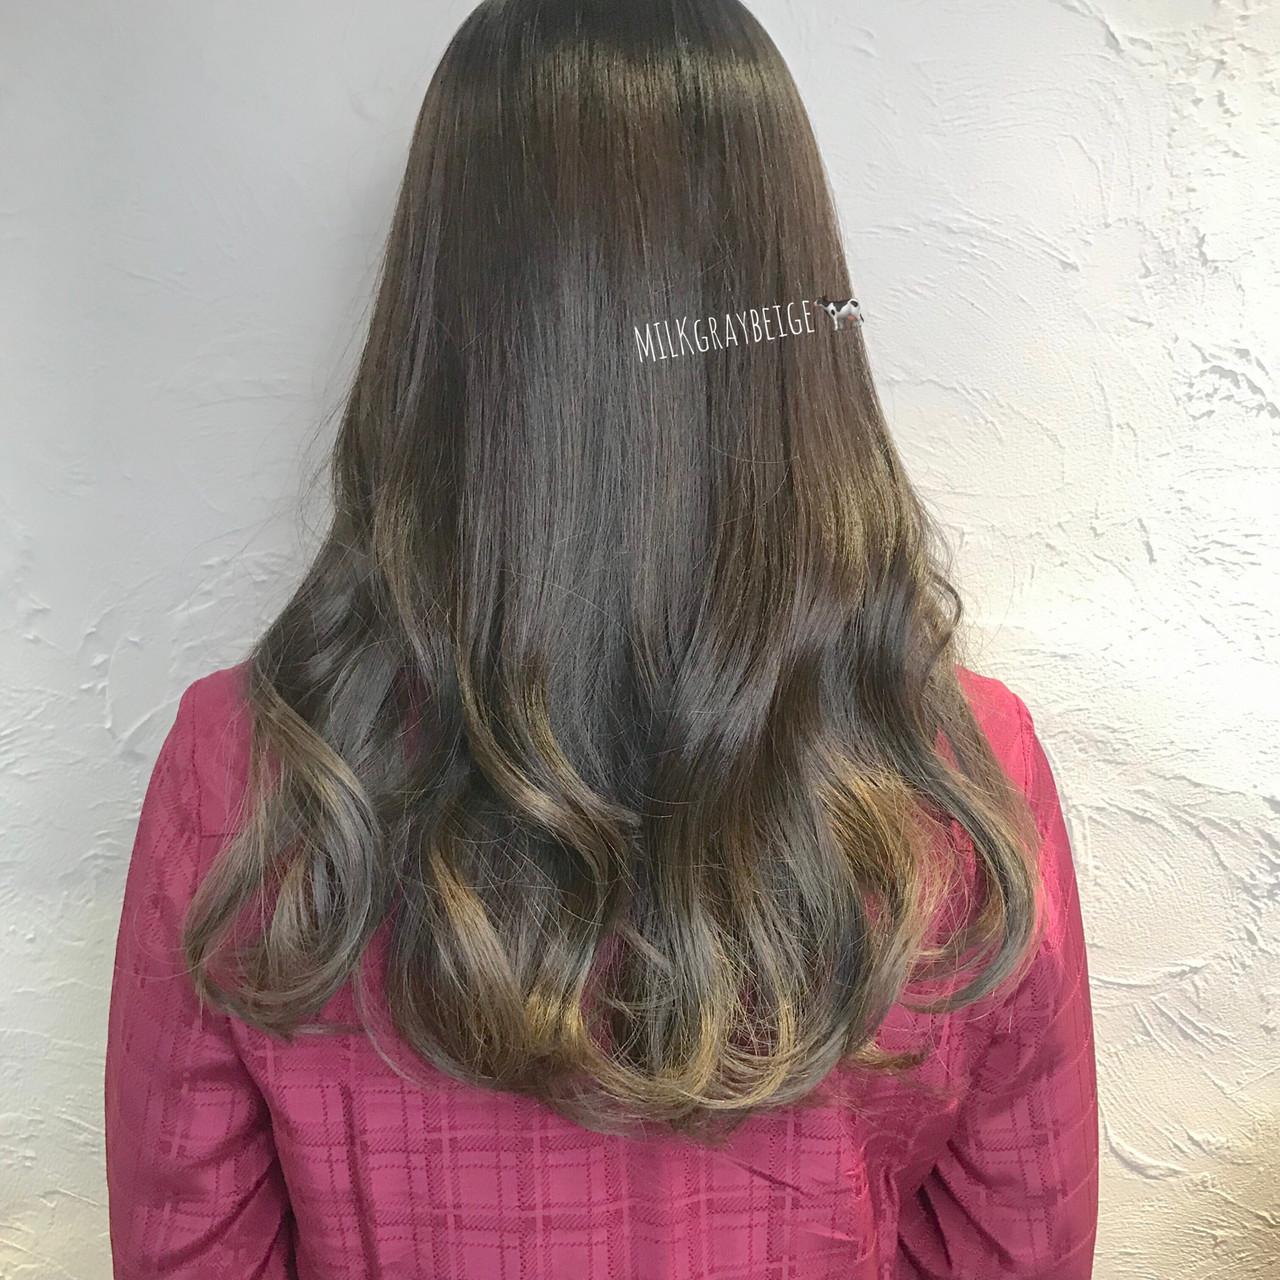 ショコラブラウン ナチュラル ブルーアッシュ ロング ヘアスタイルや髪型の写真・画像